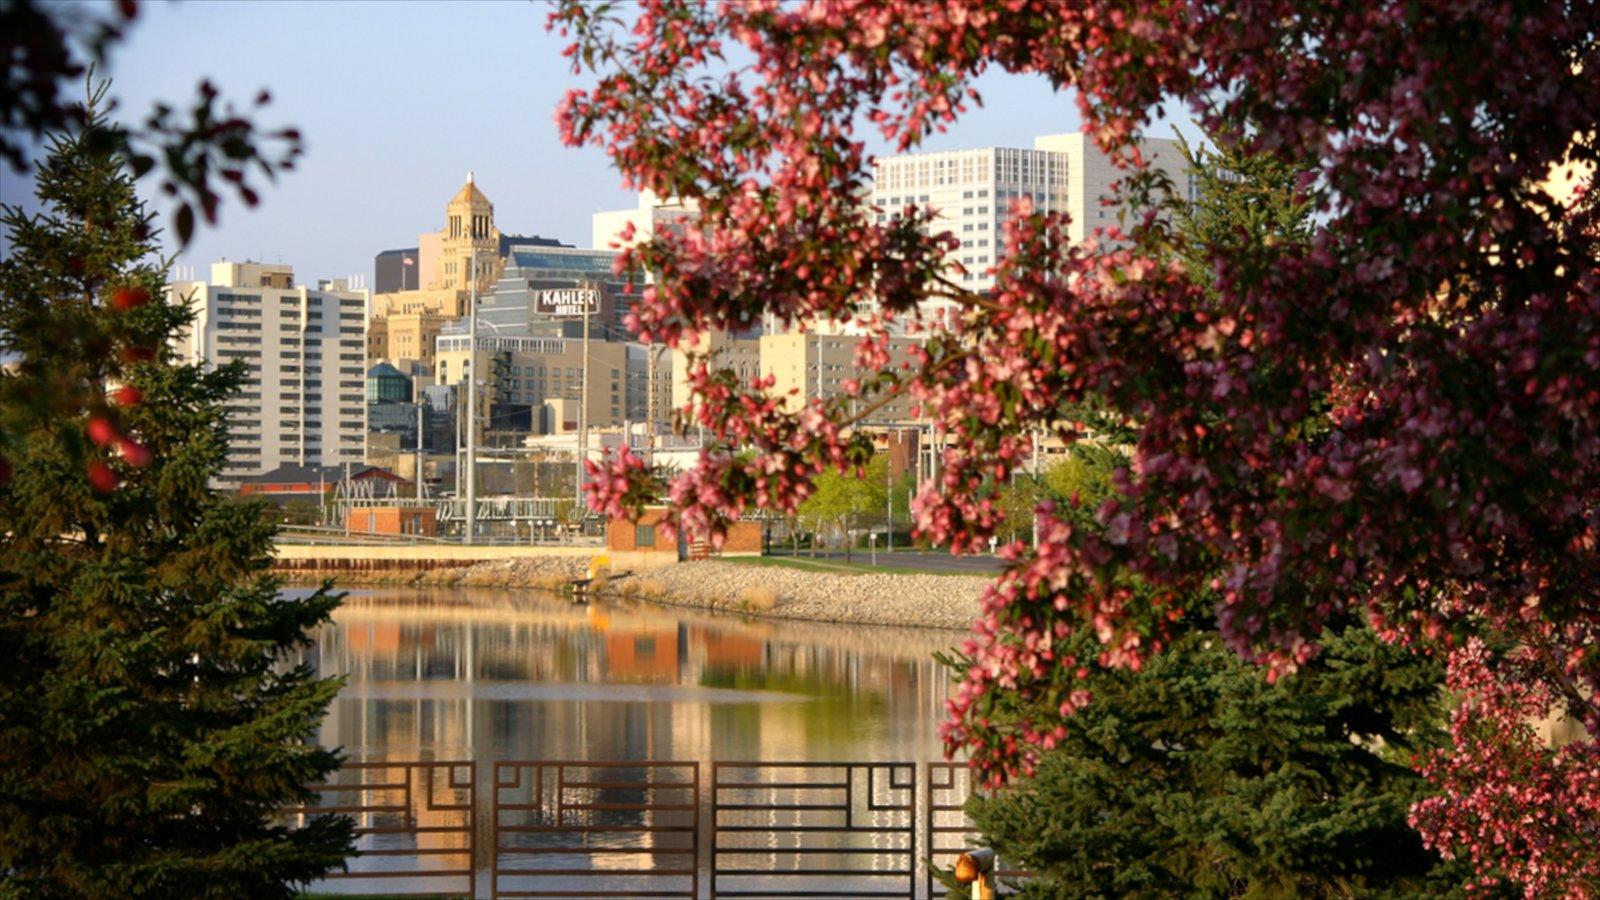 Rochester mostrando uma cidade litorânea, paisagens litorâneas e um parque